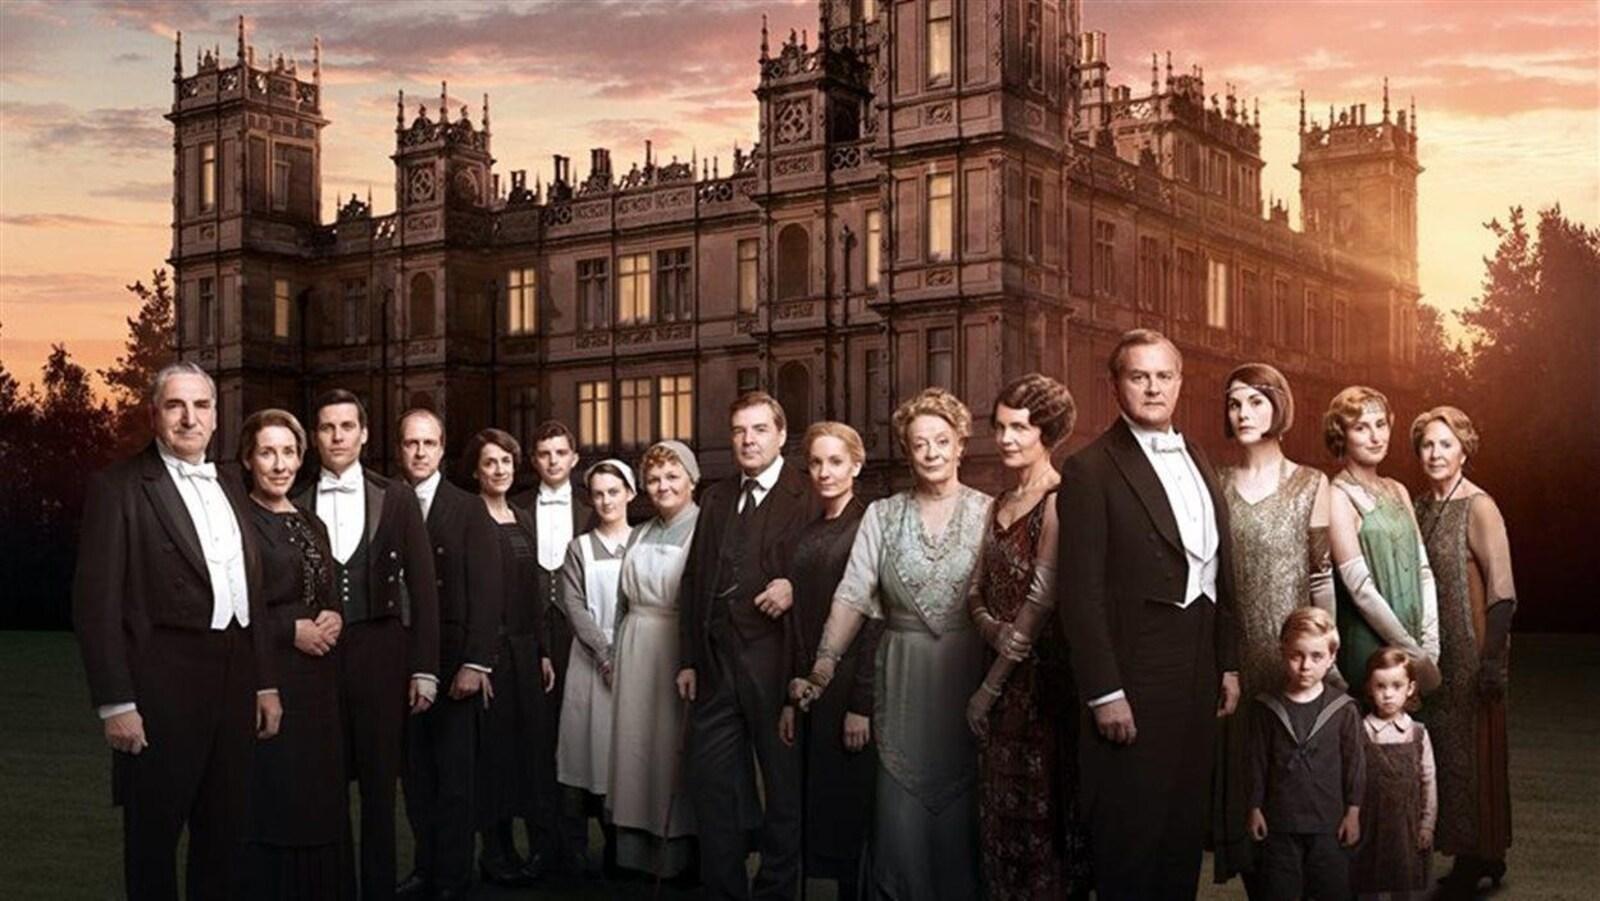 La sixième saison de Downton Abbey